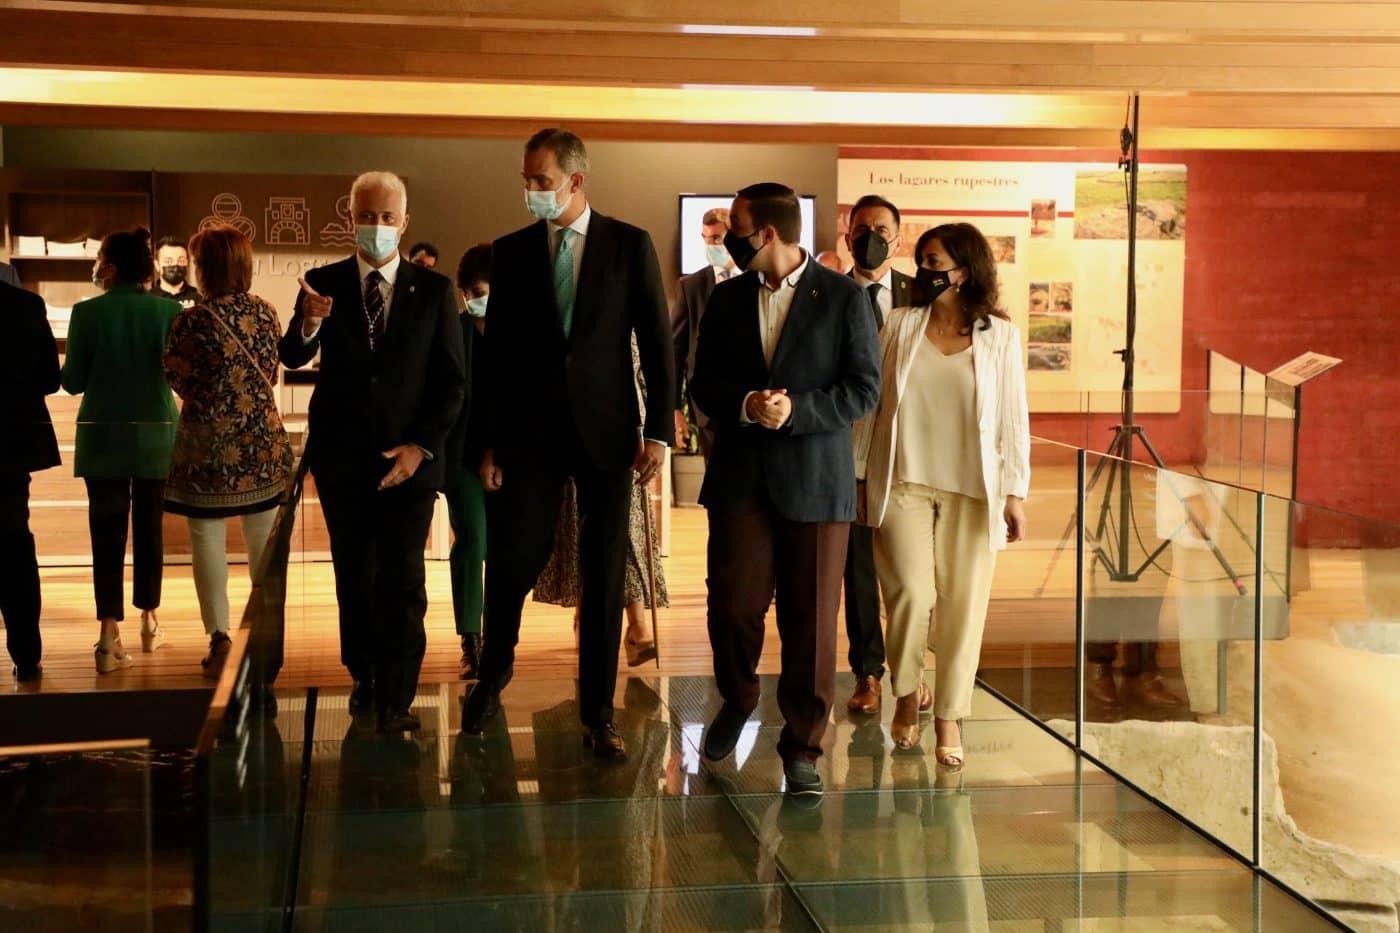 FOTOS: Felipe VI visita Logroño con motivo del V Centenario del Sitio de la Ciudad 2